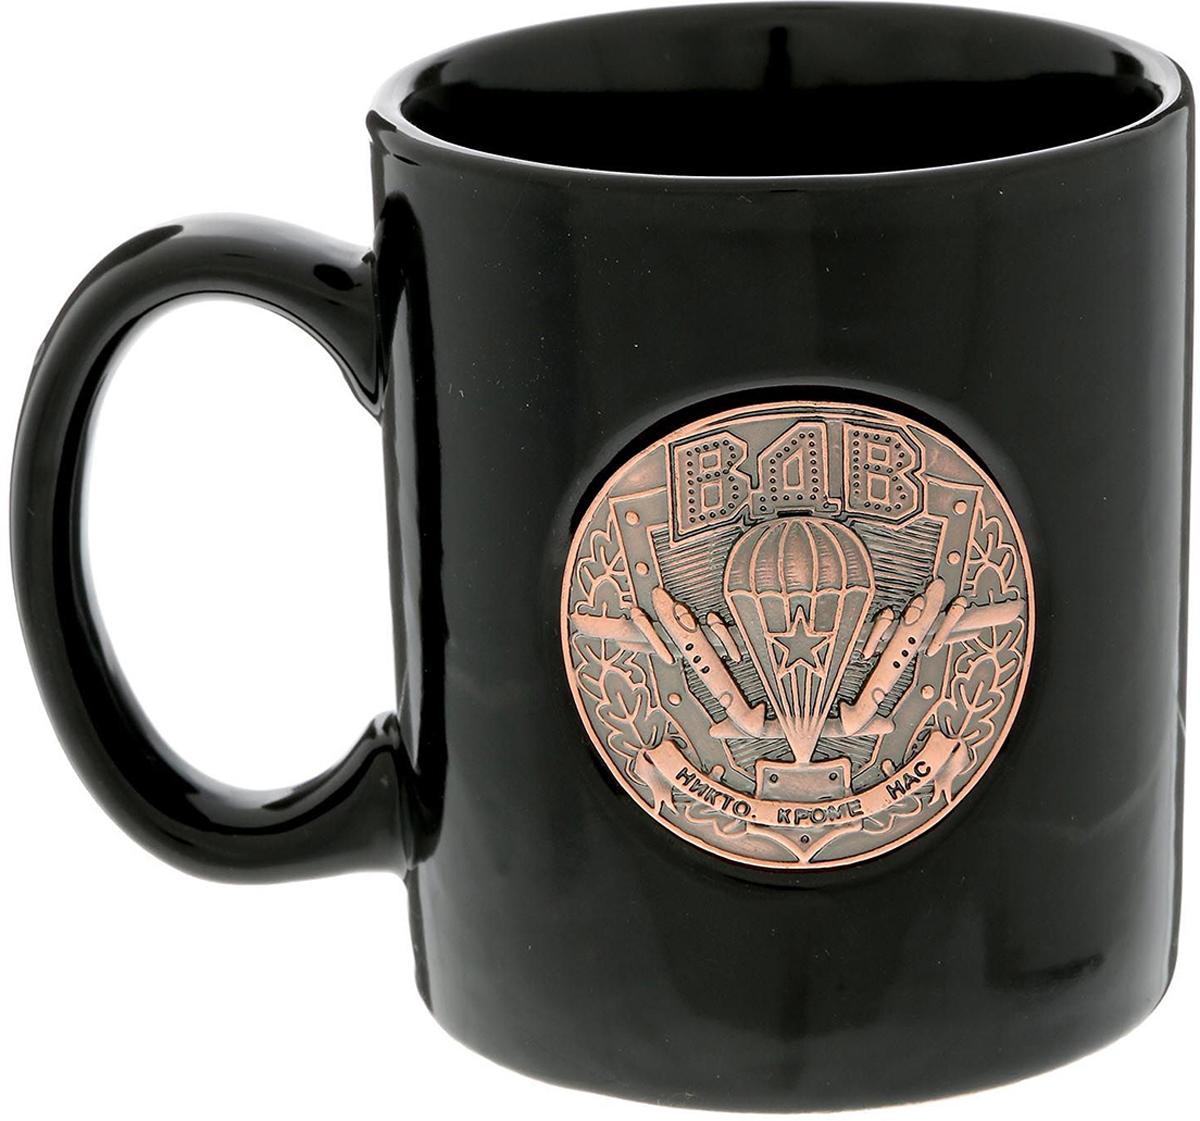 Кружка Sima-Land ВДВ, 300 мл. 15076741507674Разберись с жаждой по-мужски!Авторский дизайн, оригинальный декор, оптимальный объем - отличительные черты этой кружки. Налейте в нее горячий свежезаваренный кофе или крепкий ароматный чай, и каждый глоток будет сокрушительным ударом по врагам: сонливости, вялости и апатии!Изделие упаковано в подарочную картонную коробку.